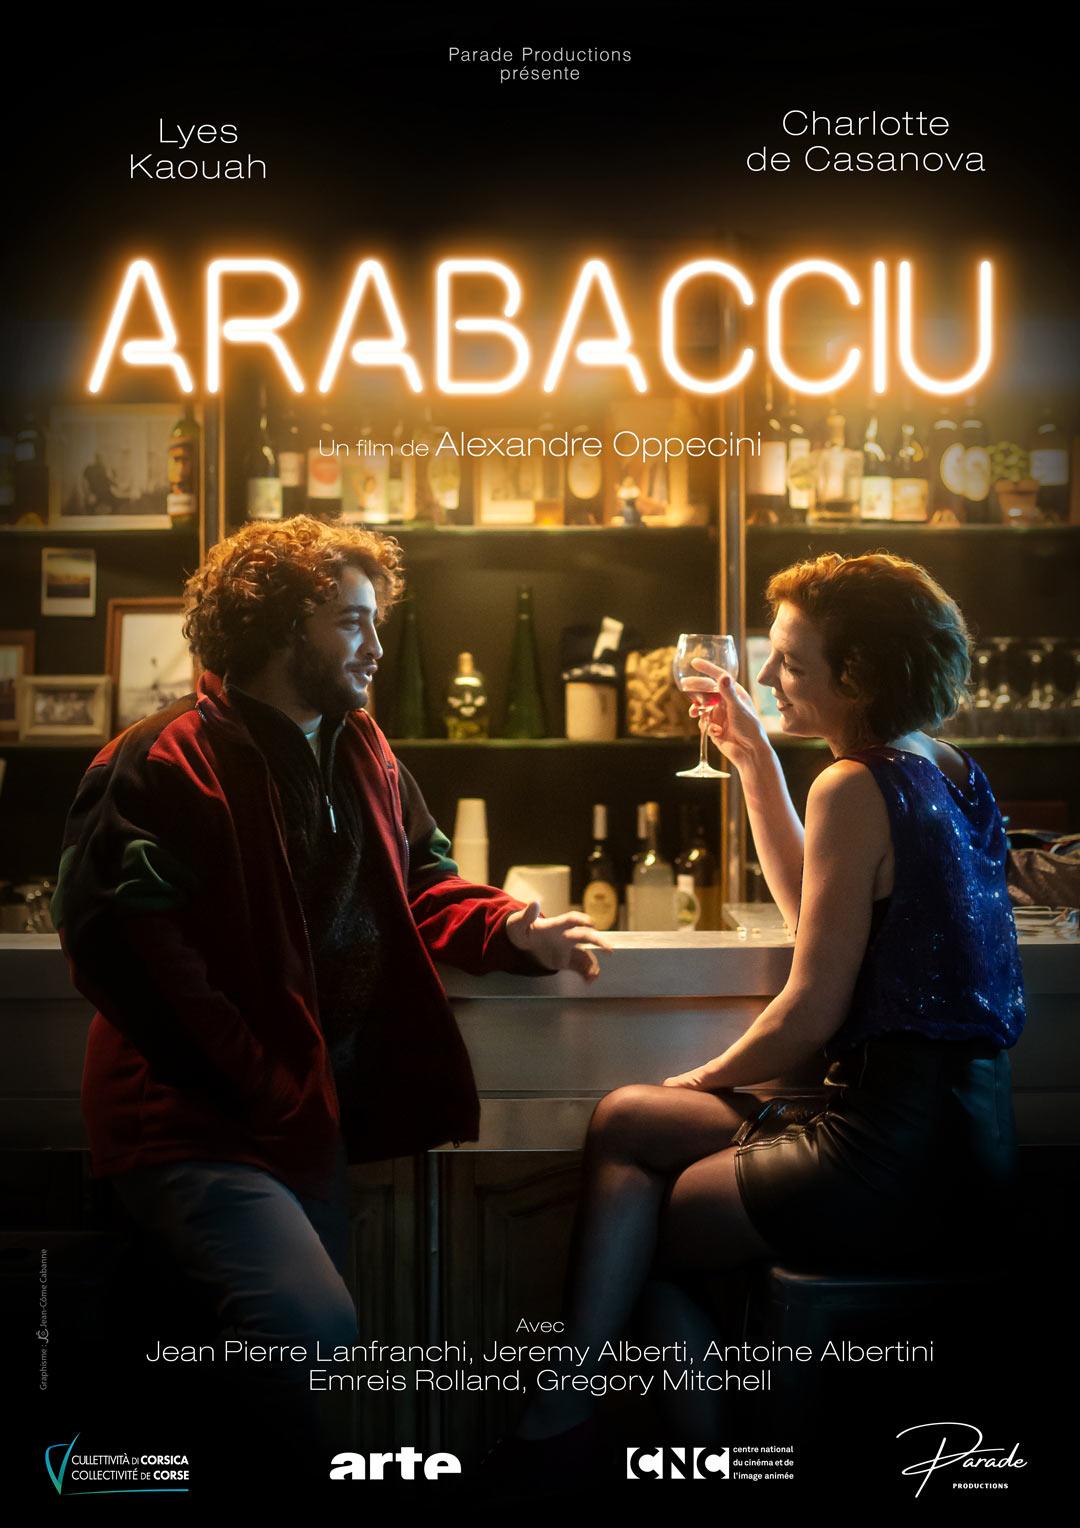 Affiche du film Arabacciu